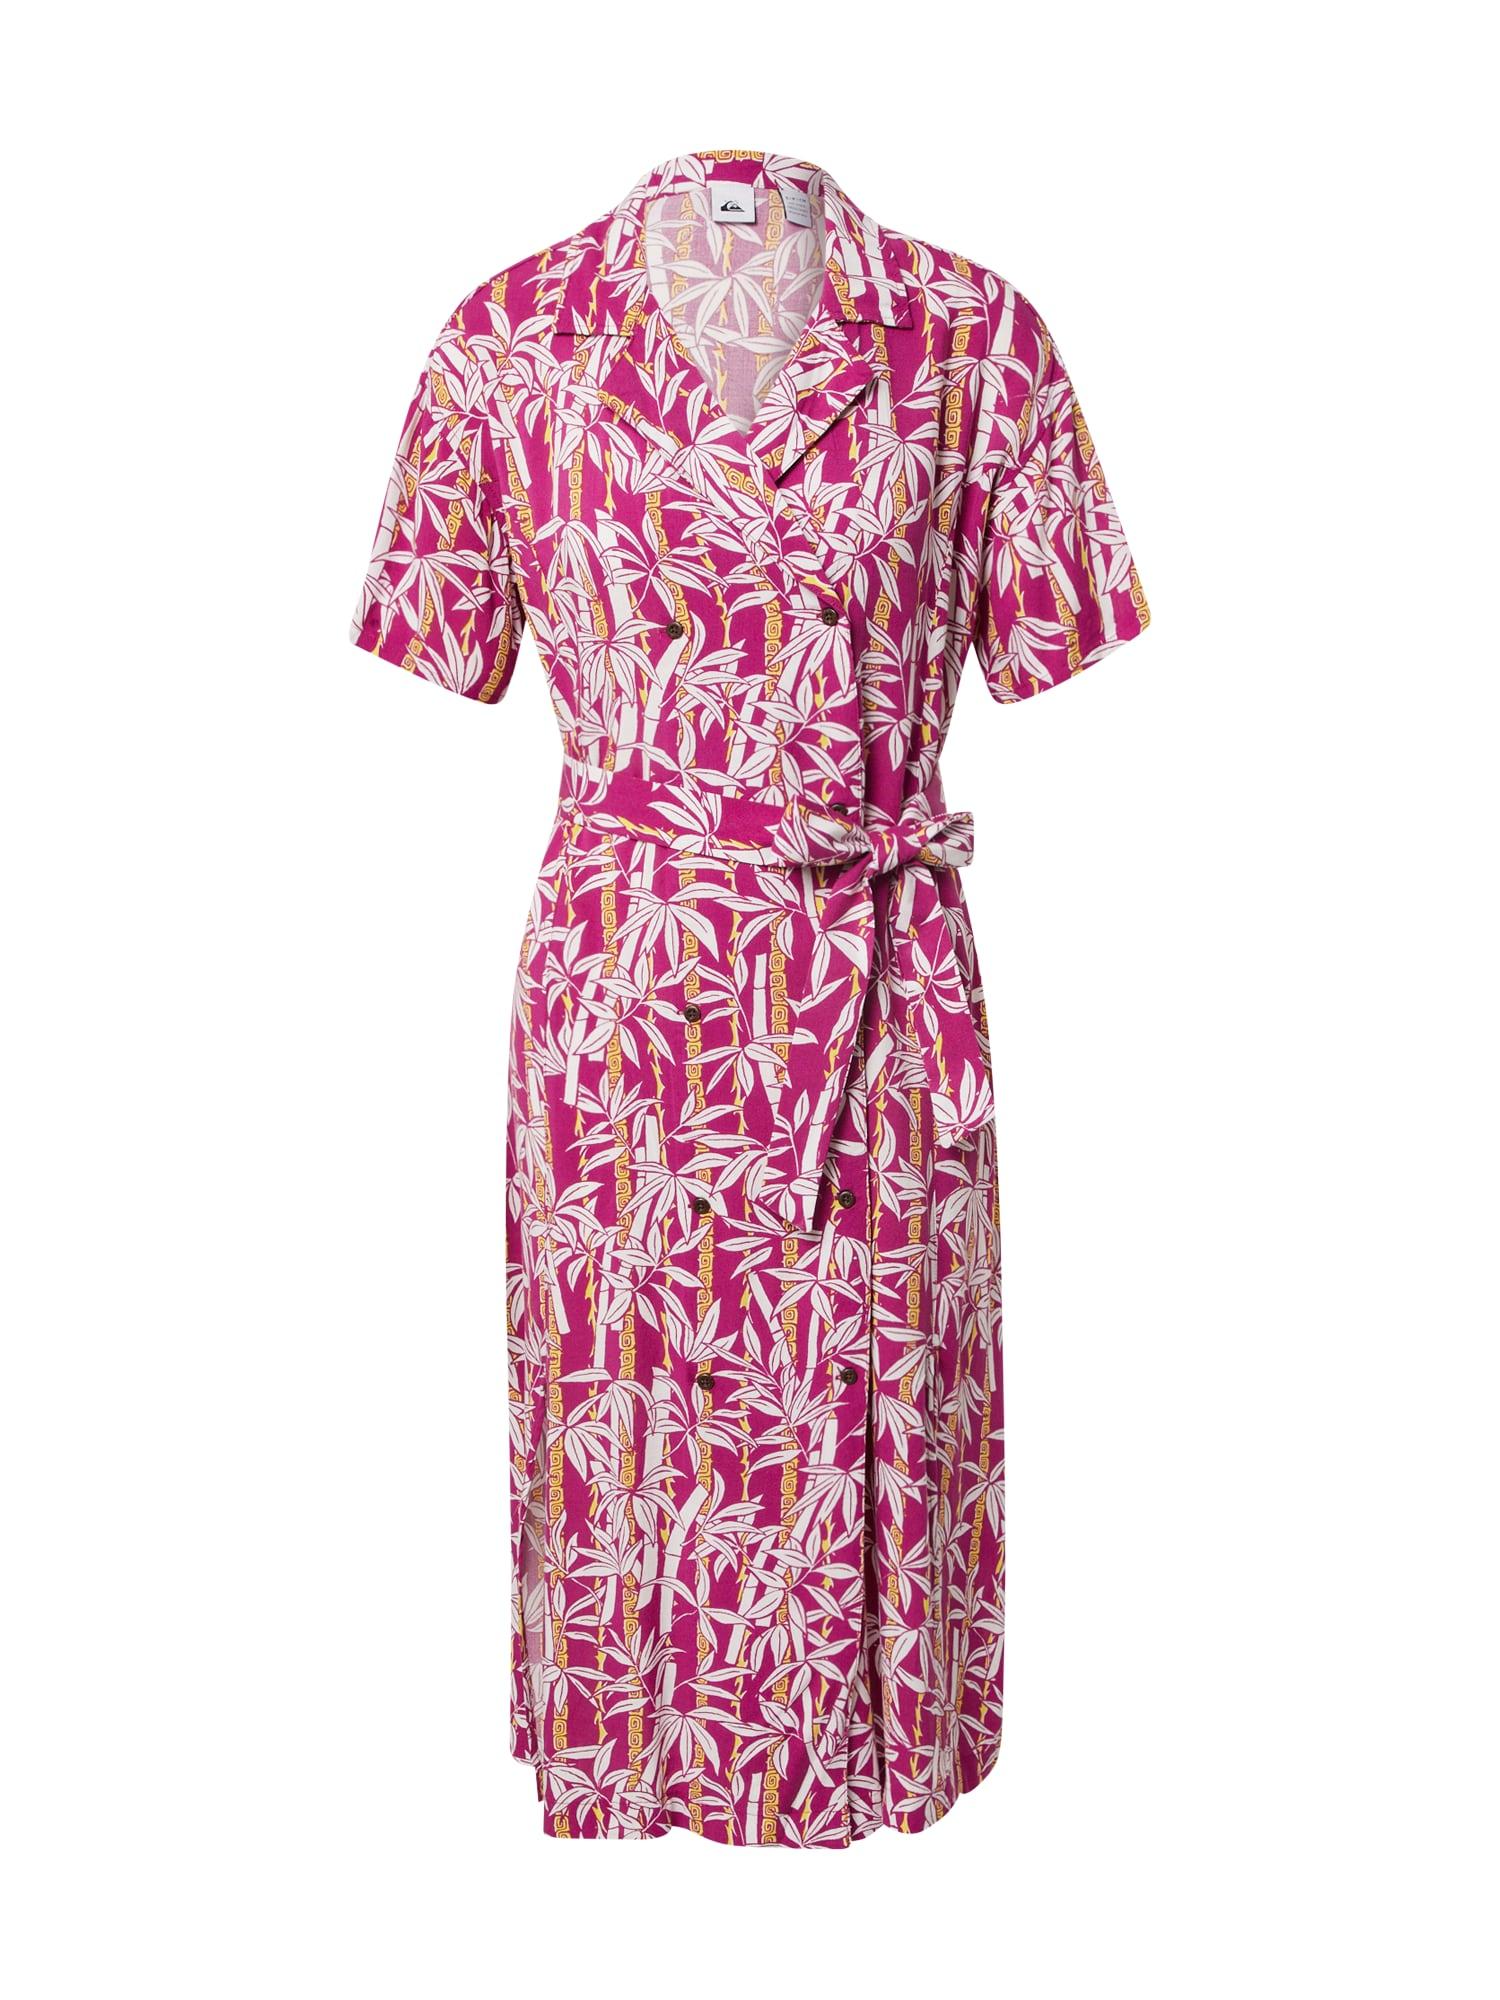 QUIKSILVER Palaidinės tipo suknelė tamsiai rožinė / balta / geltona